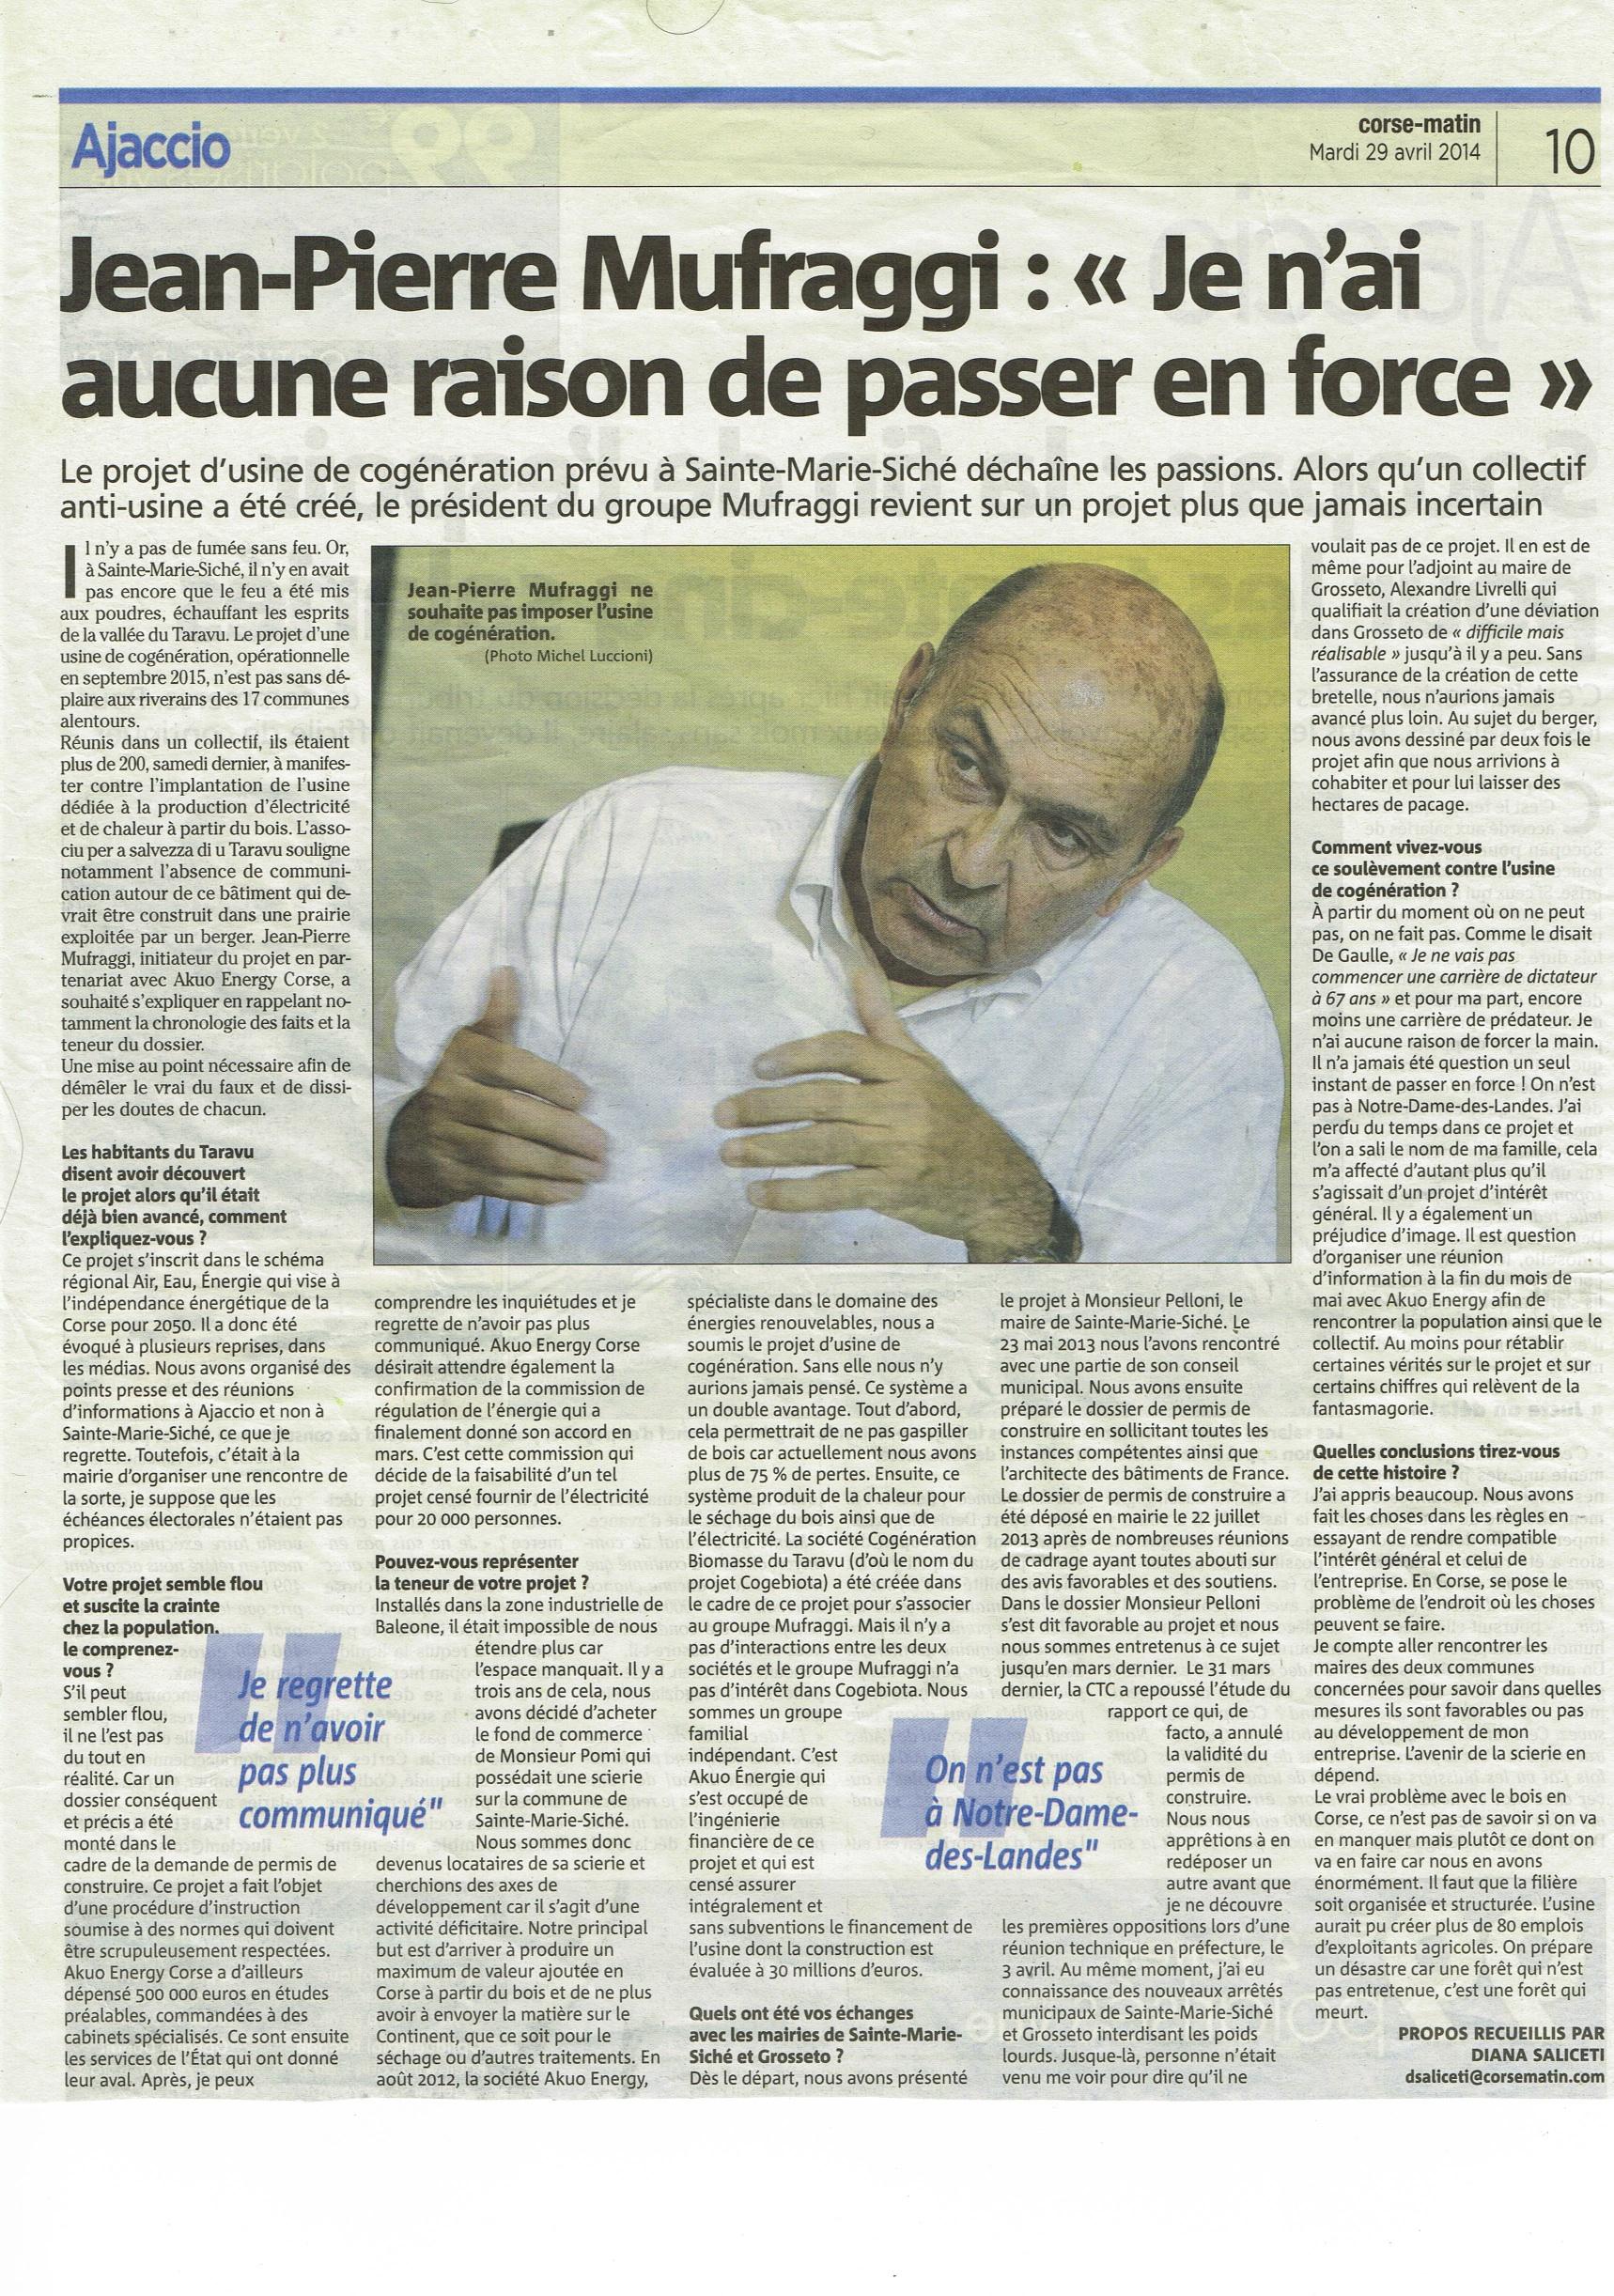 Interview de Jean-Pierre Mufraggi dans Corse Matin sur le projet d'unité de cogénération de Sainte Marie Siché